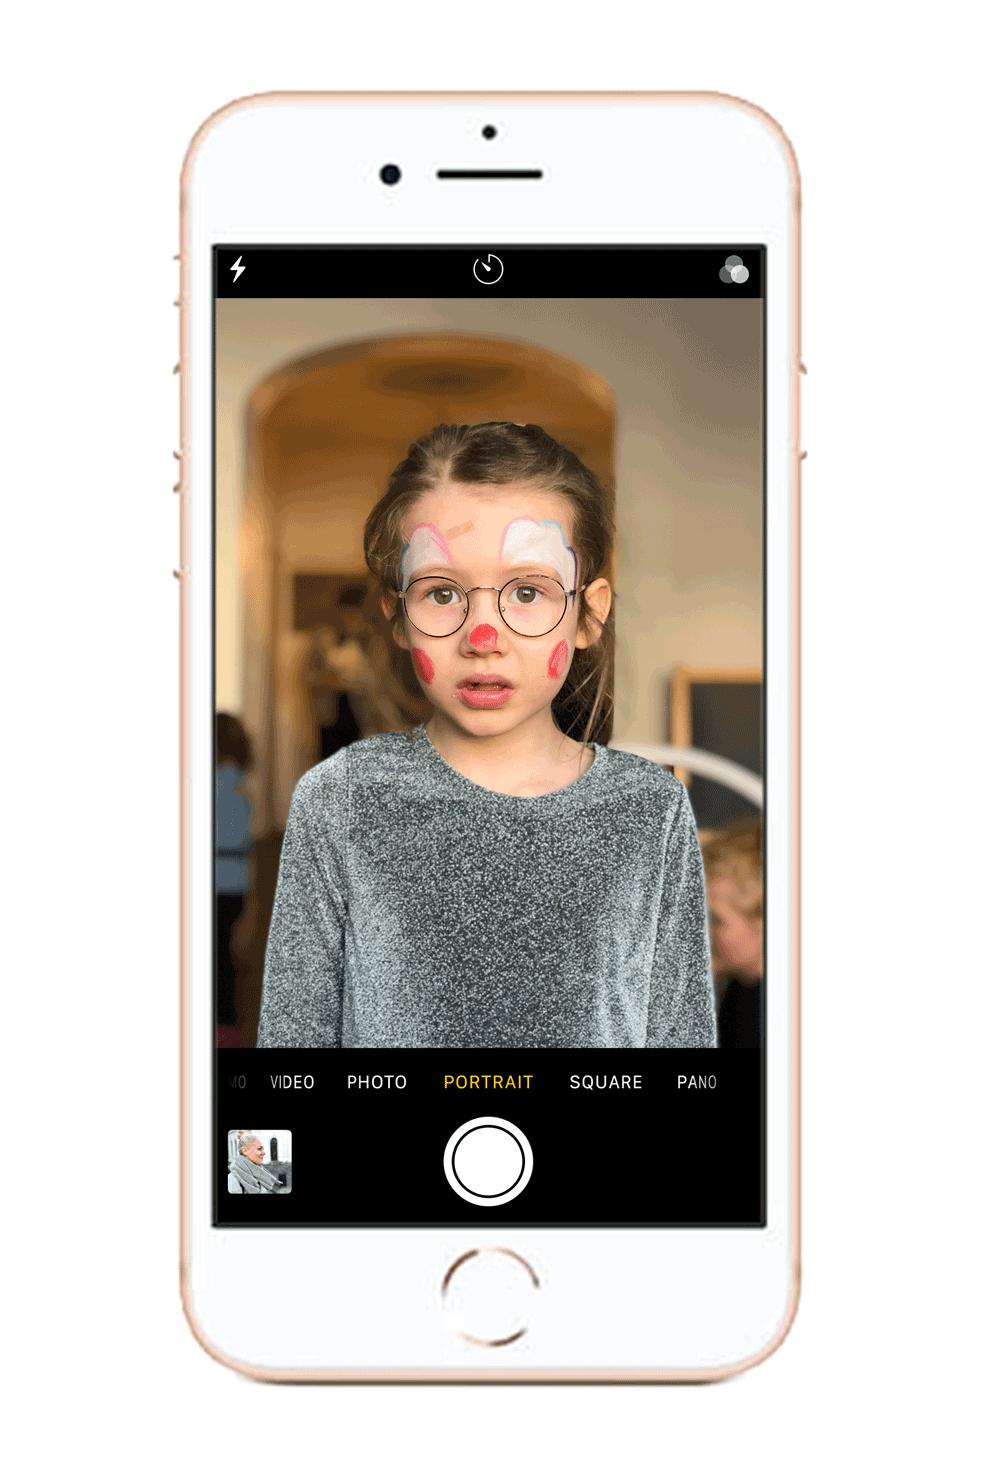 - Portrait mode eller porträttfunktionen är en funktion tillgänglig på iPhone 7+, 8+ och X som gör det möjligt att ta bilder med ett vackert skärpedjup och en mjuk bokeh. Välj denna inställning innan du börjar fota för att få ditt objekt att poppa mot sin omgivning. Om du inte har just dessa versioner av iPhone, hoppa över detta steg och fortsätt till nästa.